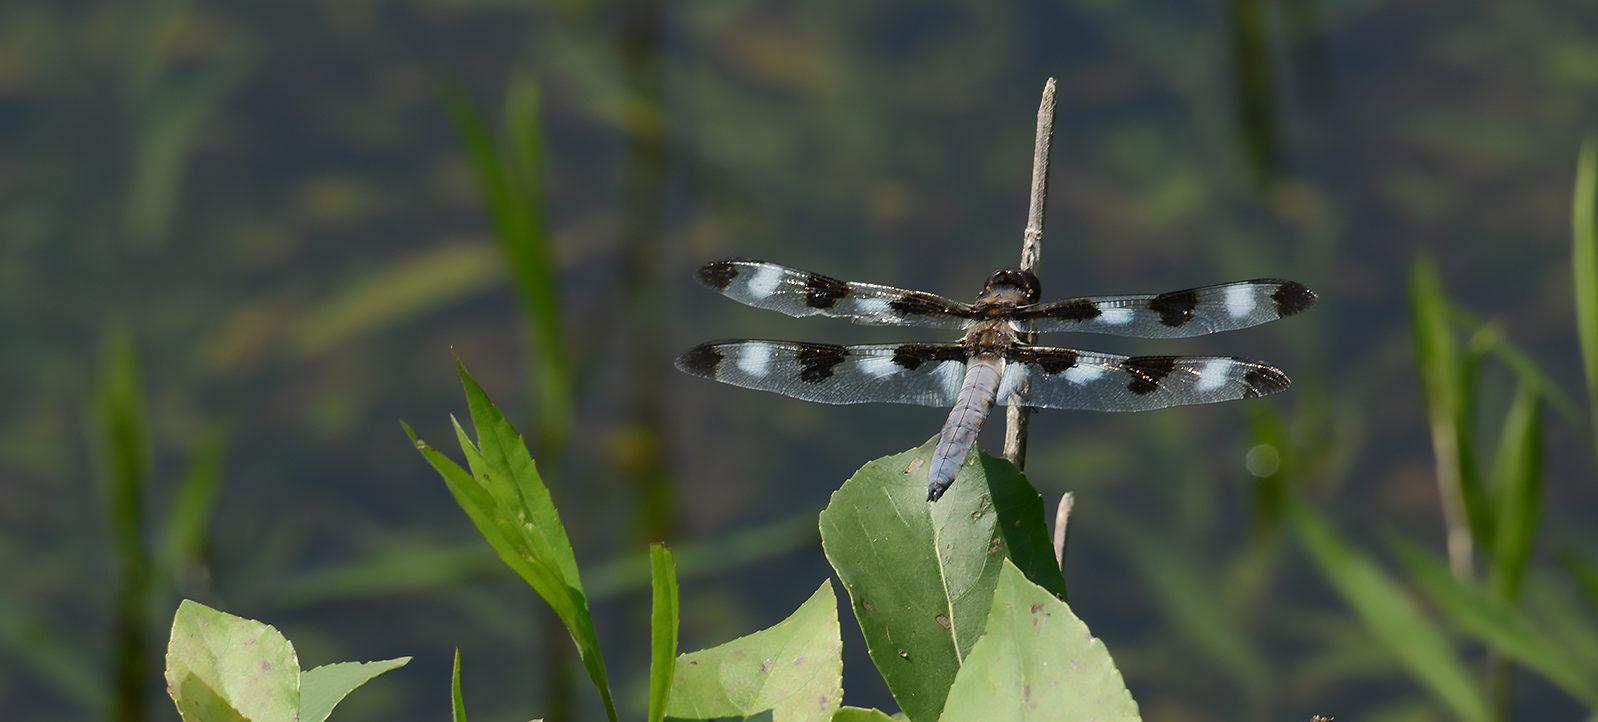 Twelve-spotted skimmer dragonfly at Kinghurst Forest Nature Reserve wetlands